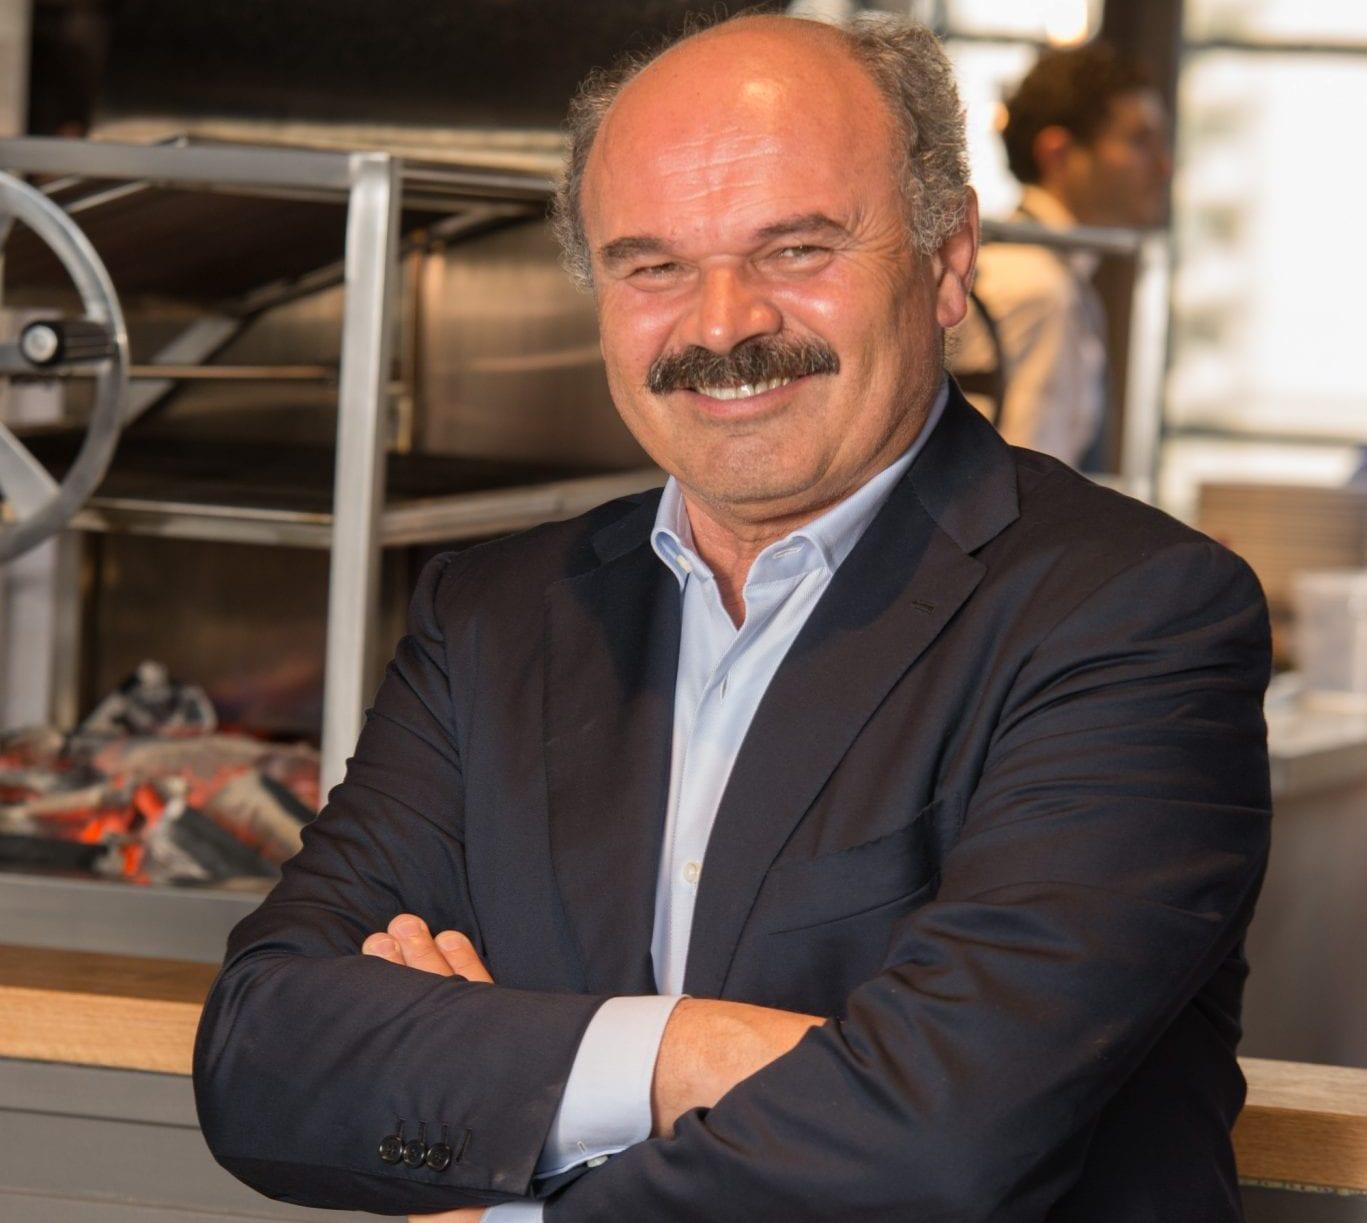 Eataly, un milione di euro per il restauro del Cenacolo di Leonardo